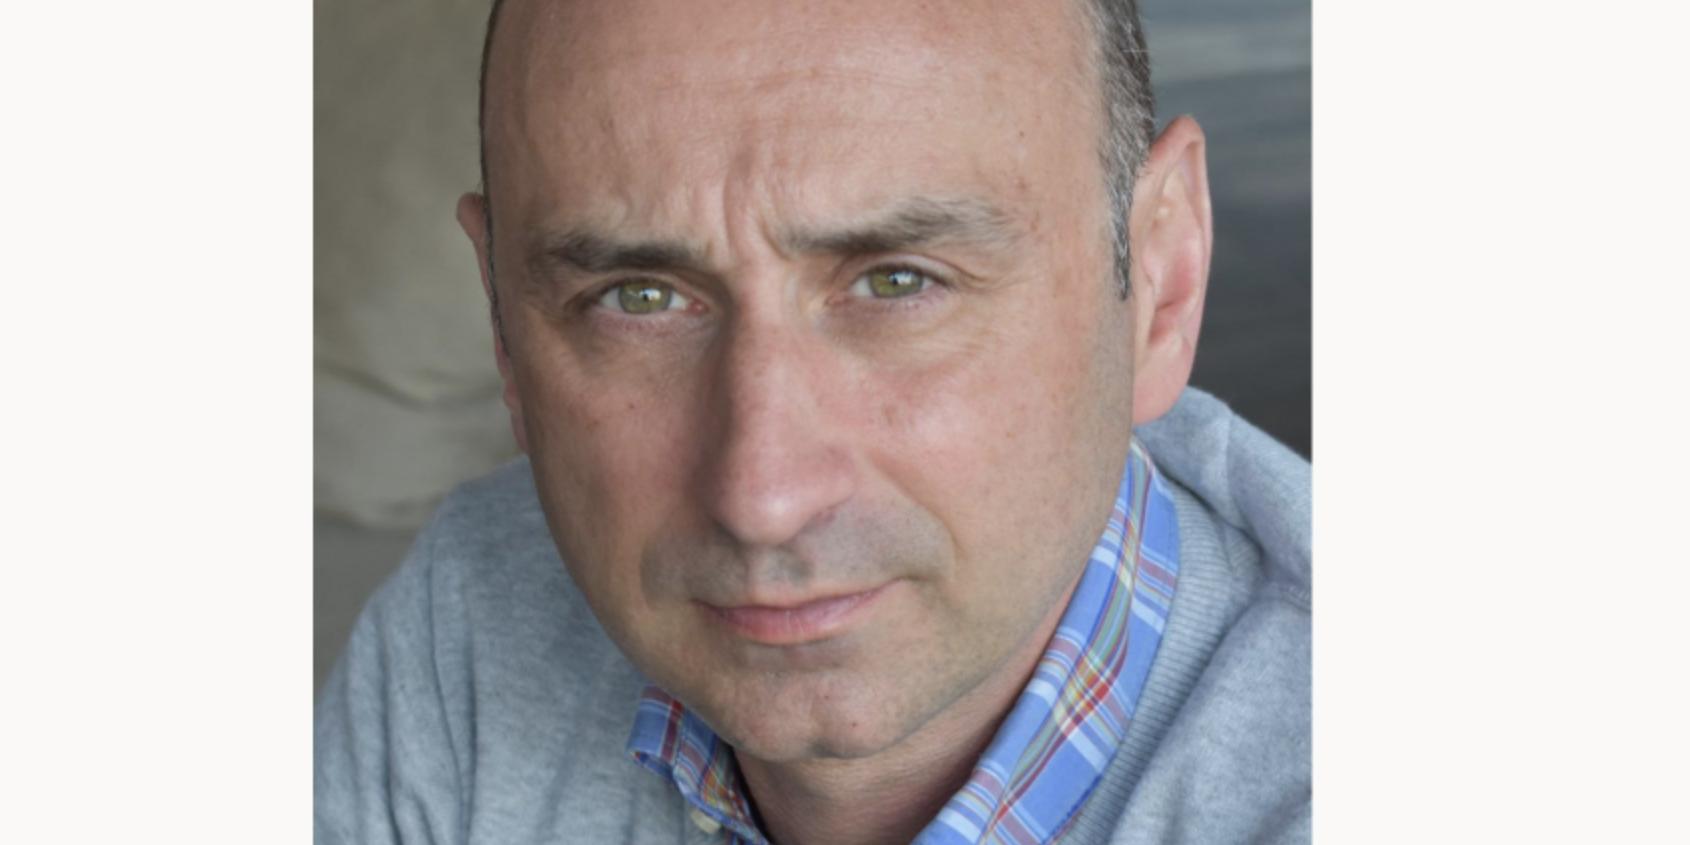 Cisco Belux a nommé Steven De Ruyver au poste de Security Lead avec la mission de renforcer la